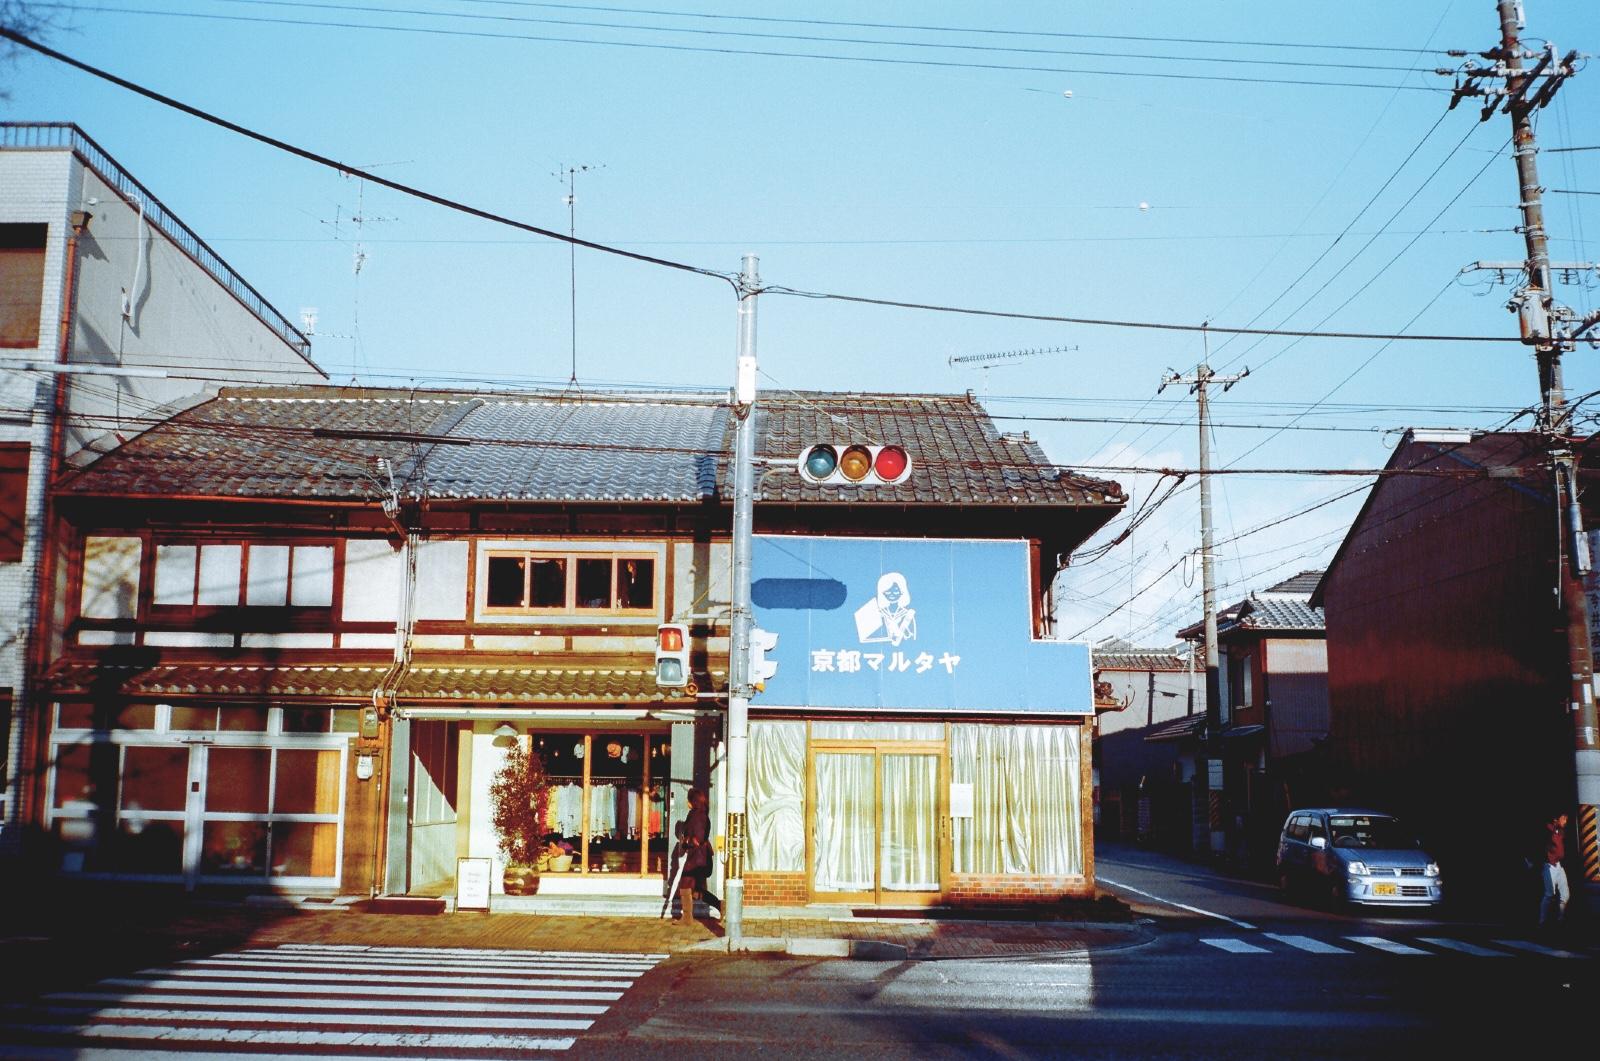 「北大路日常」京都 | 散步 | 攝影集